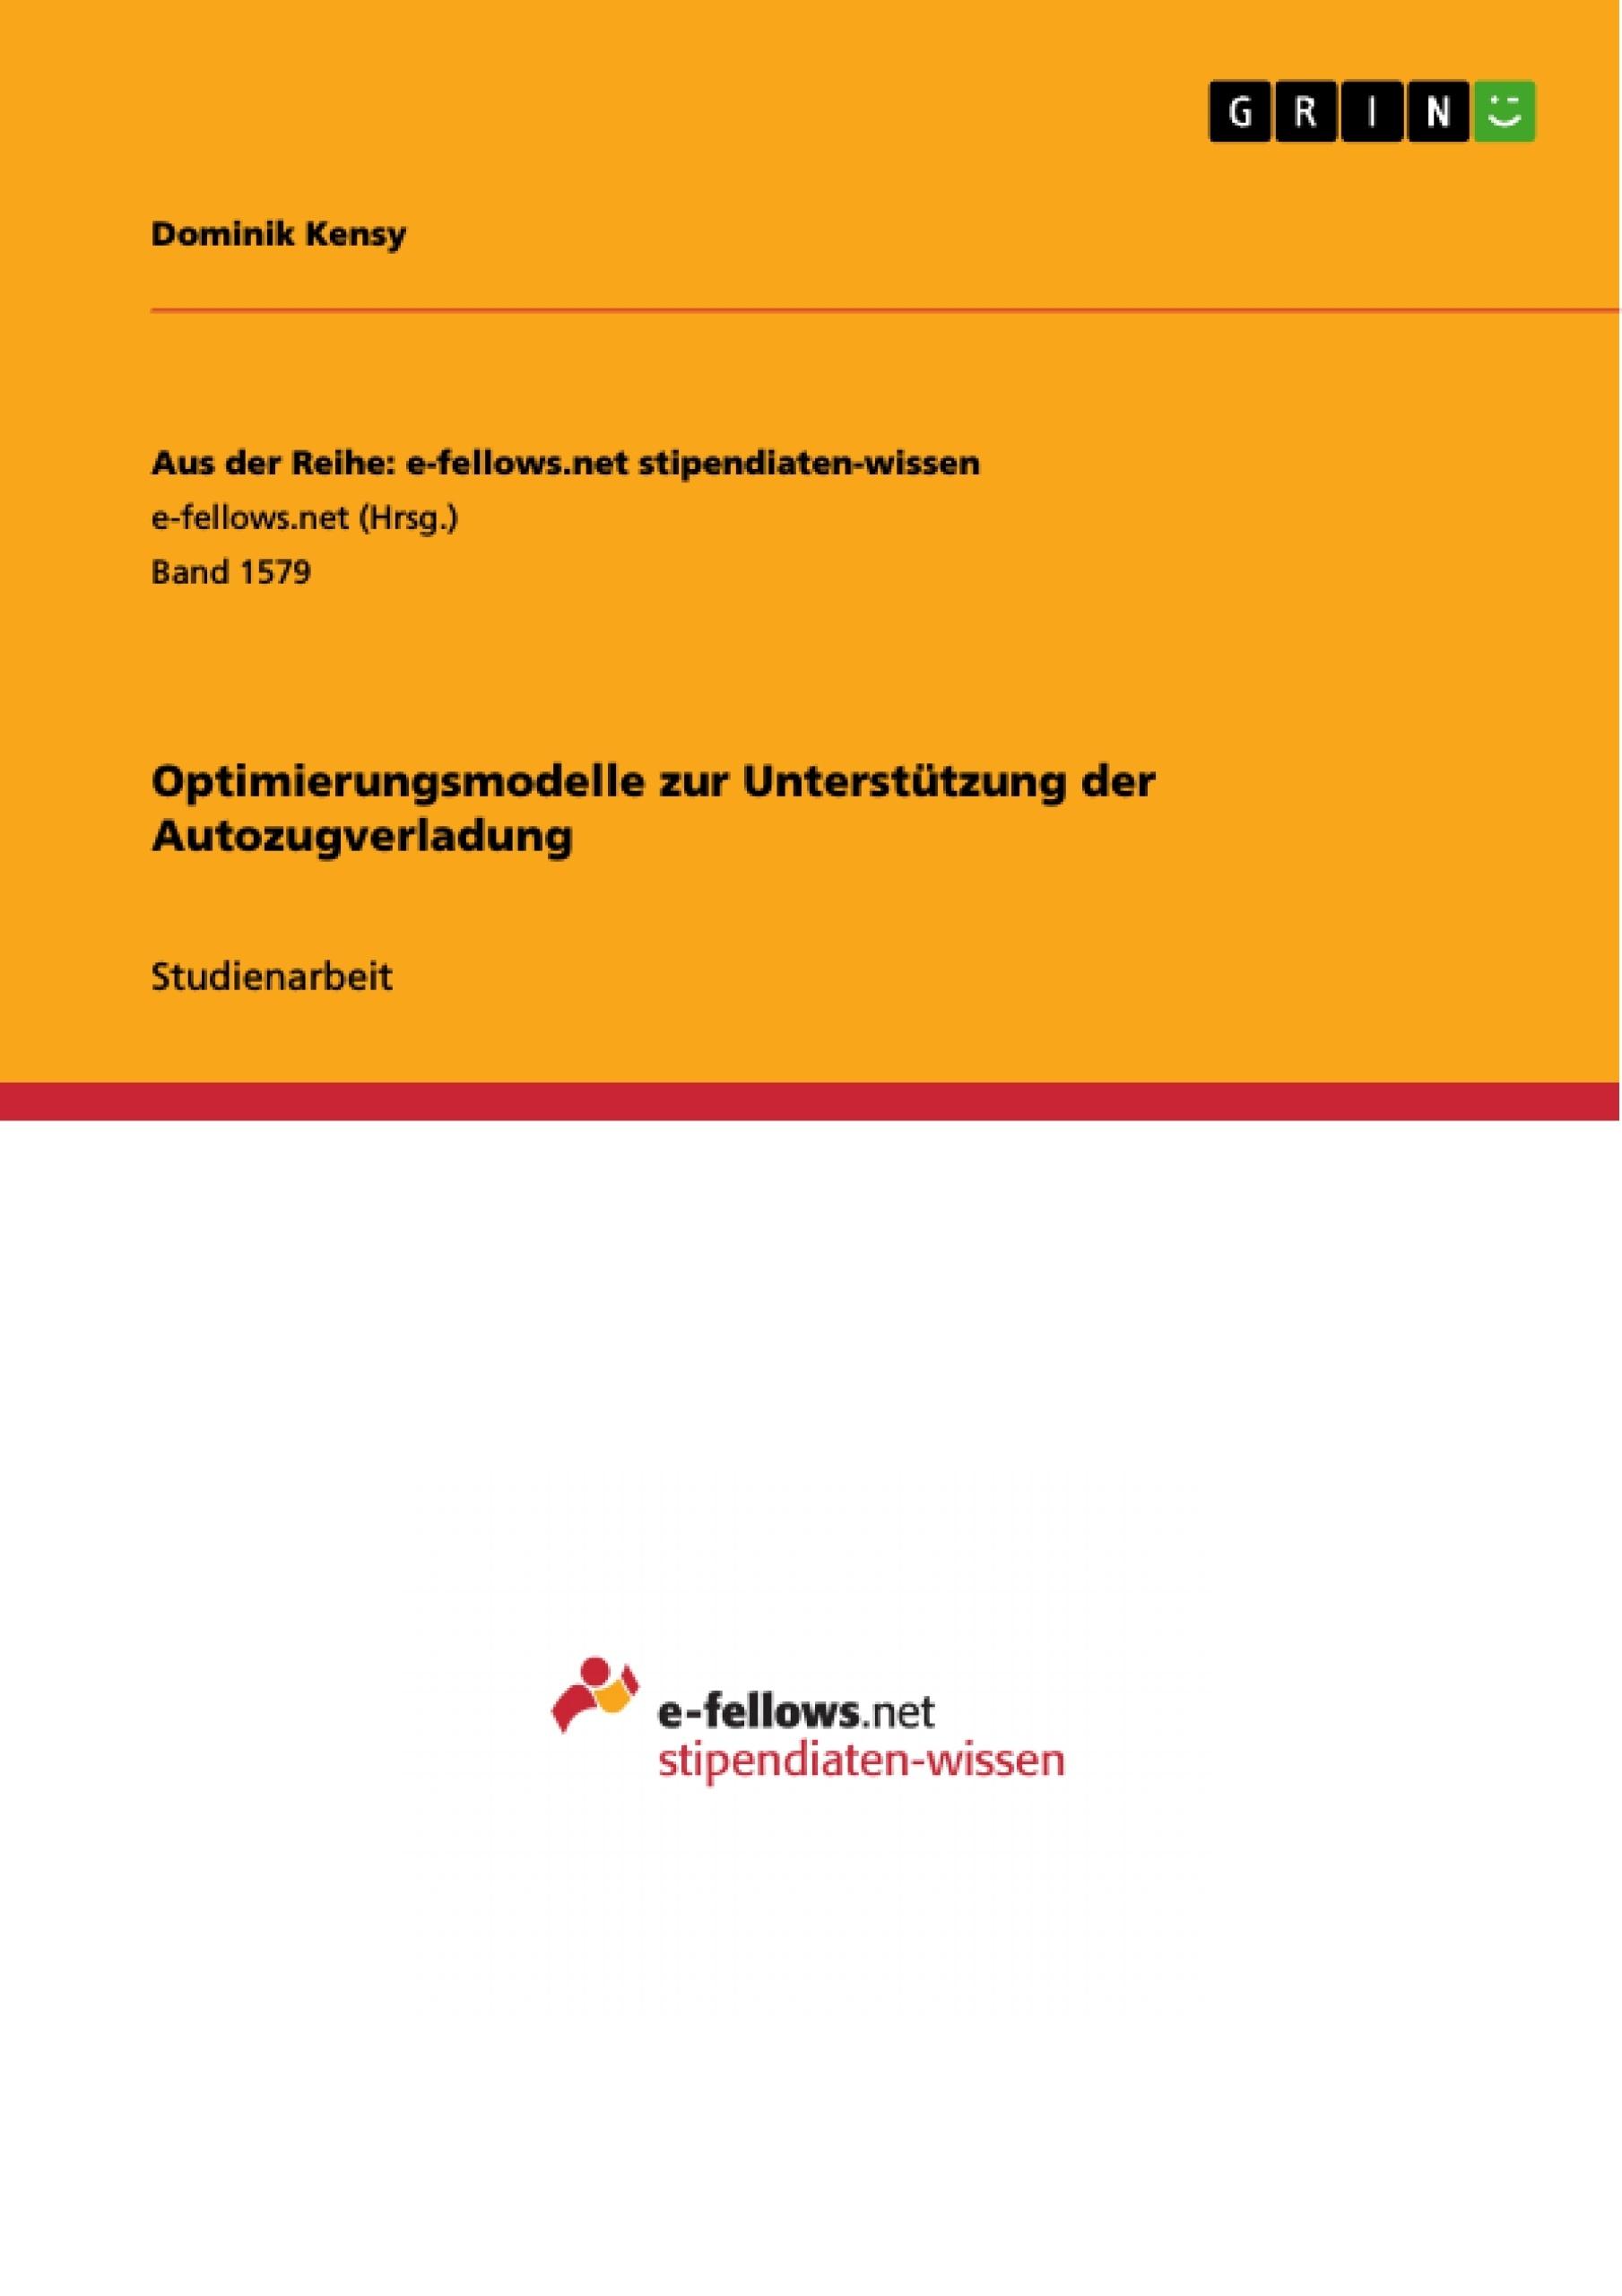 Titel: Optimierungsmodelle zur Unterstützung der Autozugverladung